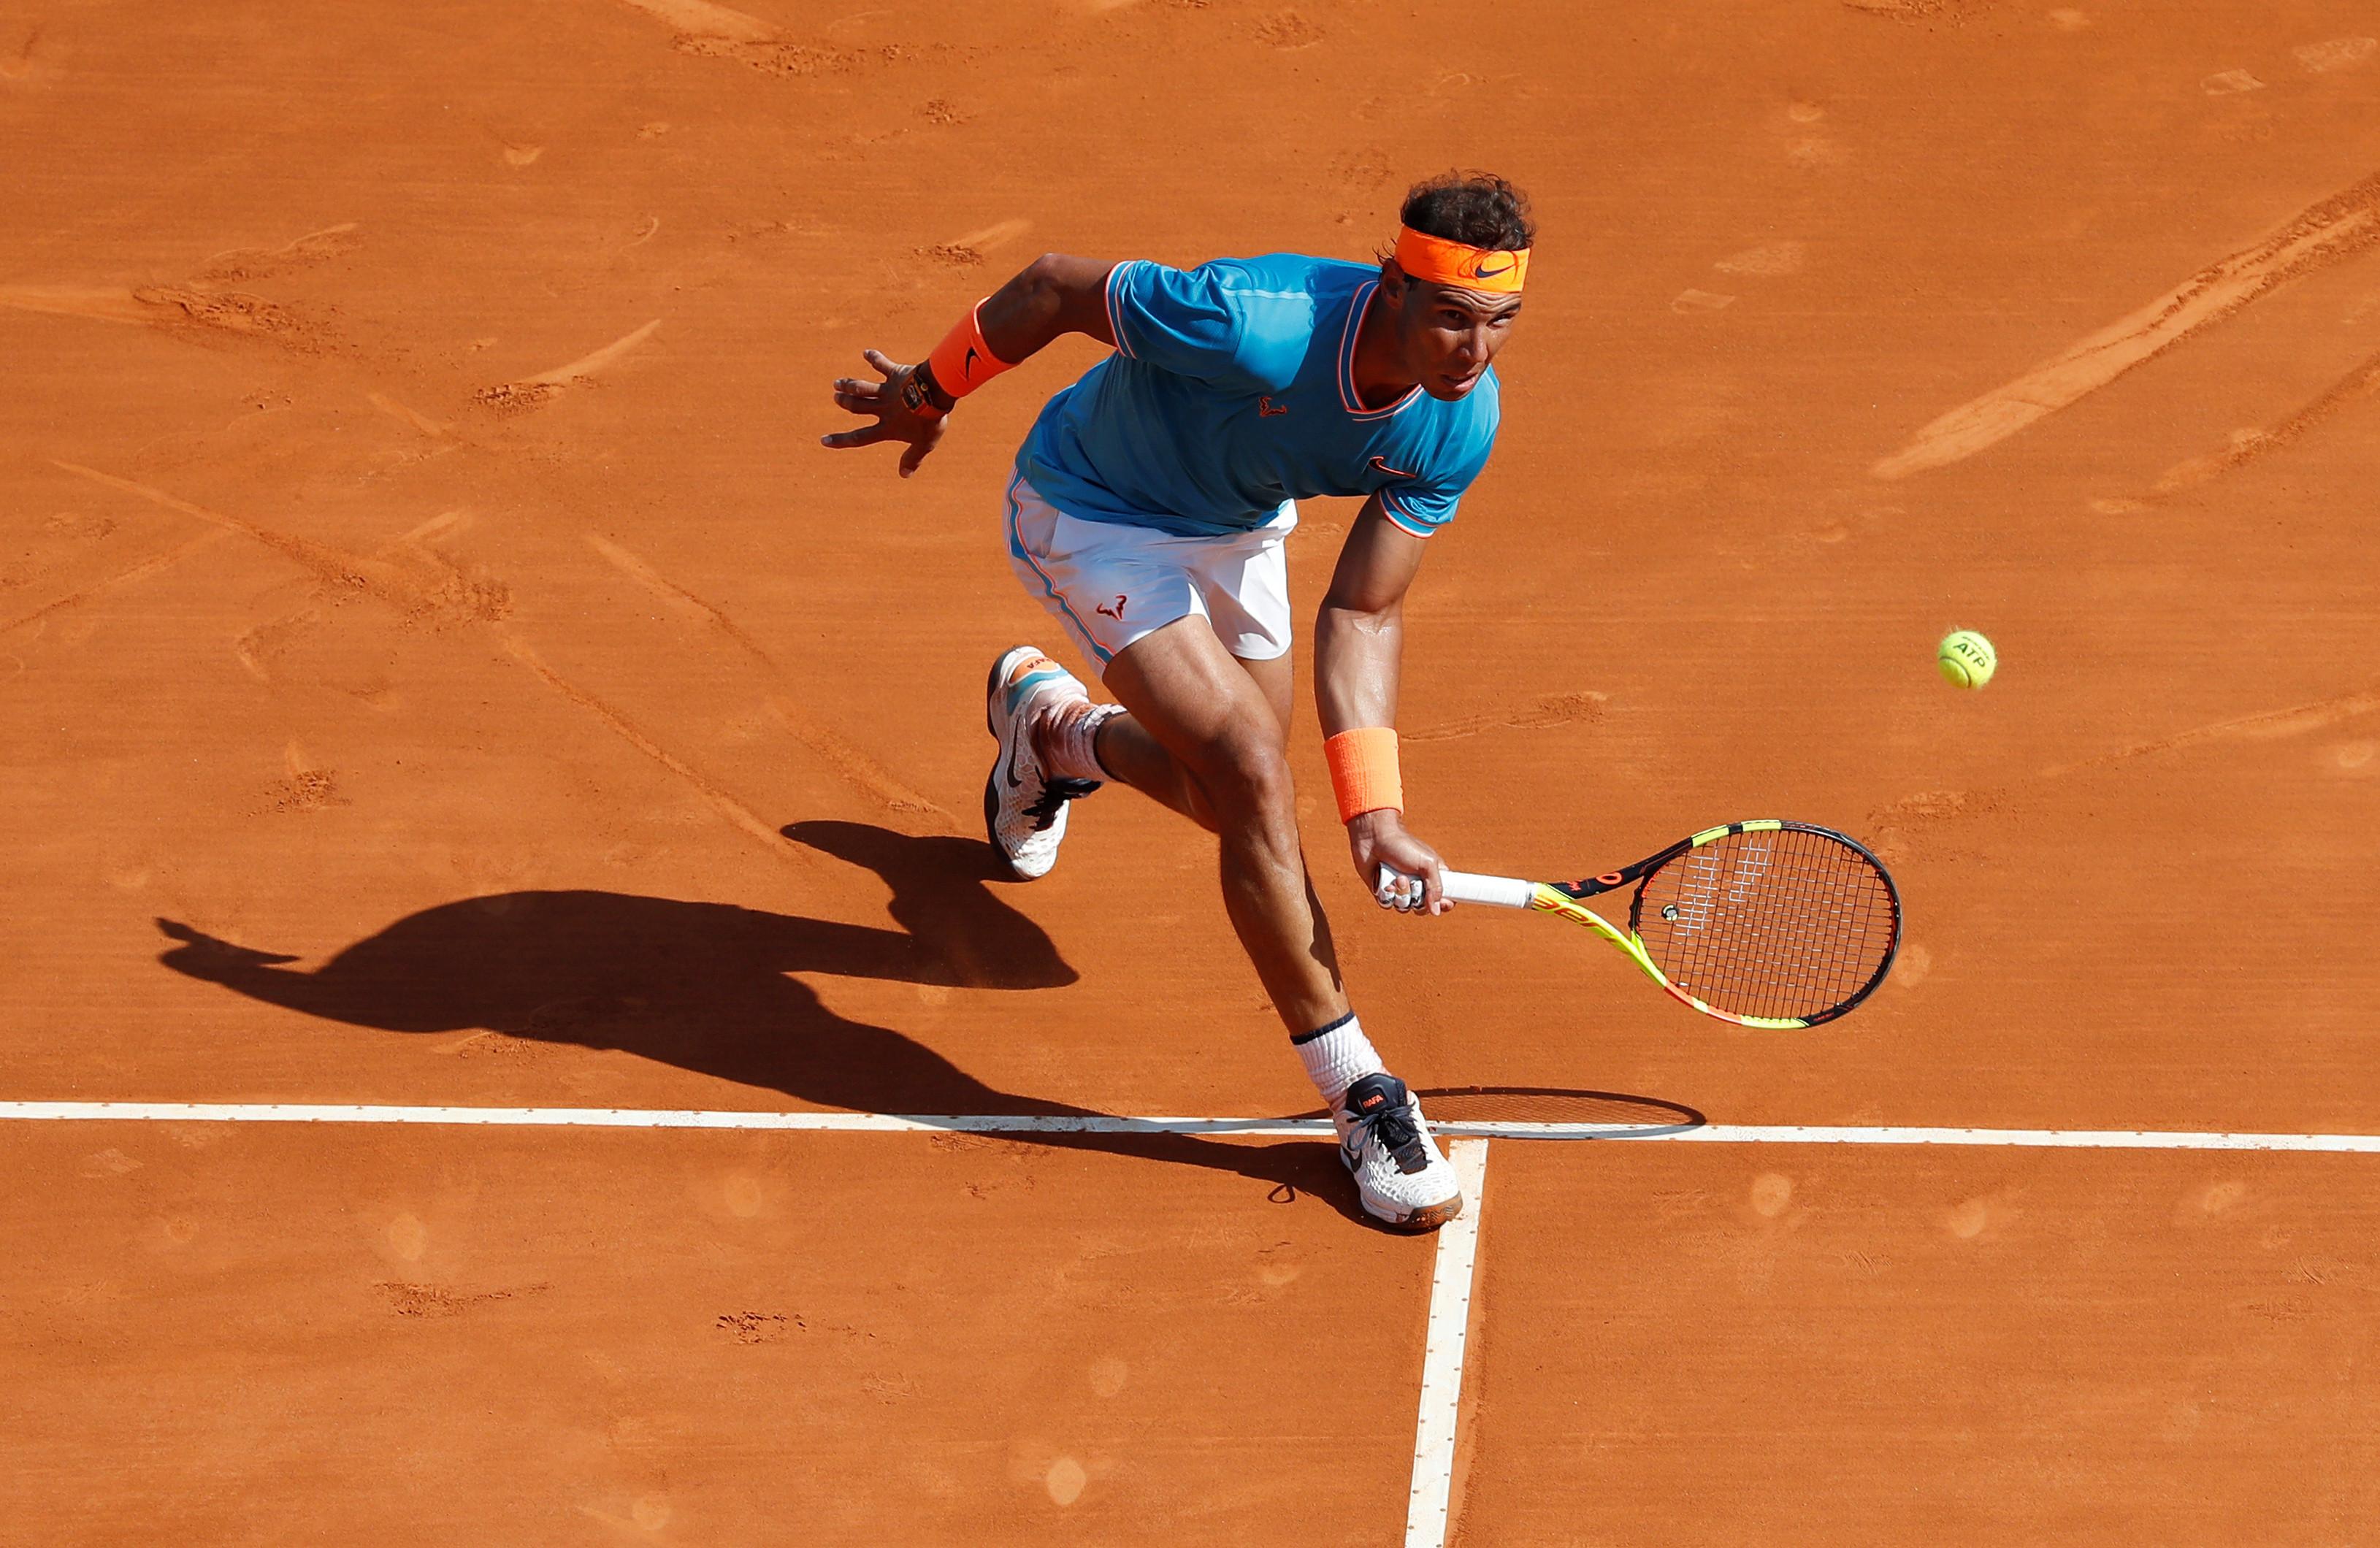 Nadal arrasador na sua estreia no torneio de Monte Carlo